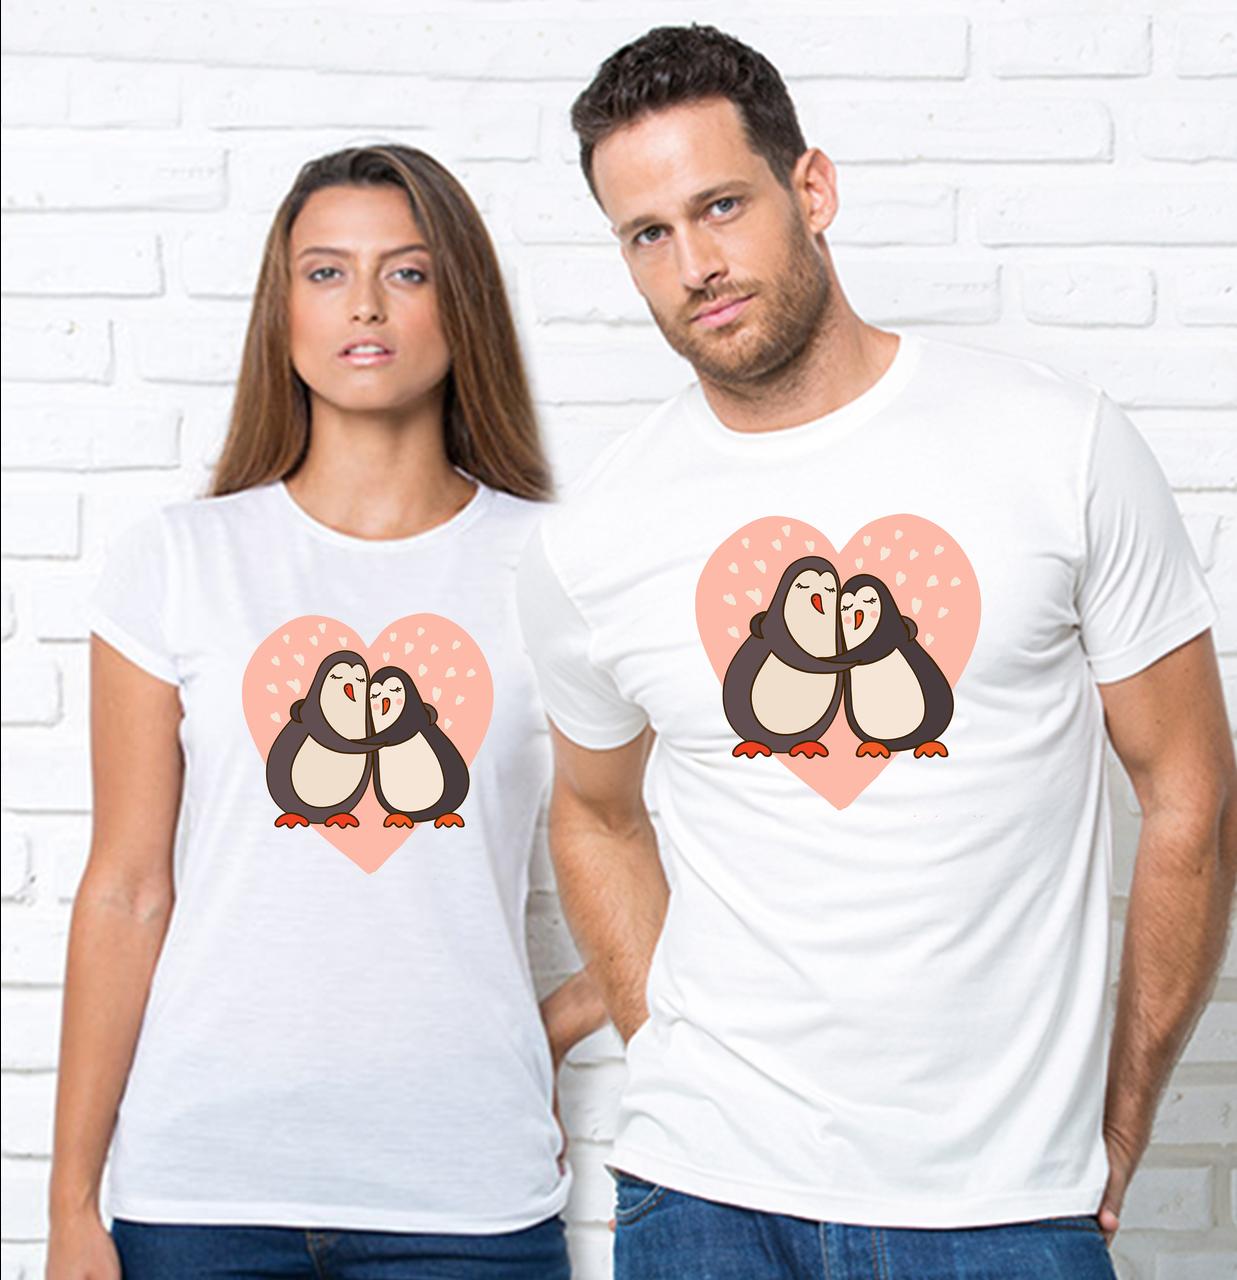 """Парні футболки для закоханих з принтом """"Пінгвіни"""" Парні футболки з принтом Пінгвіни"""